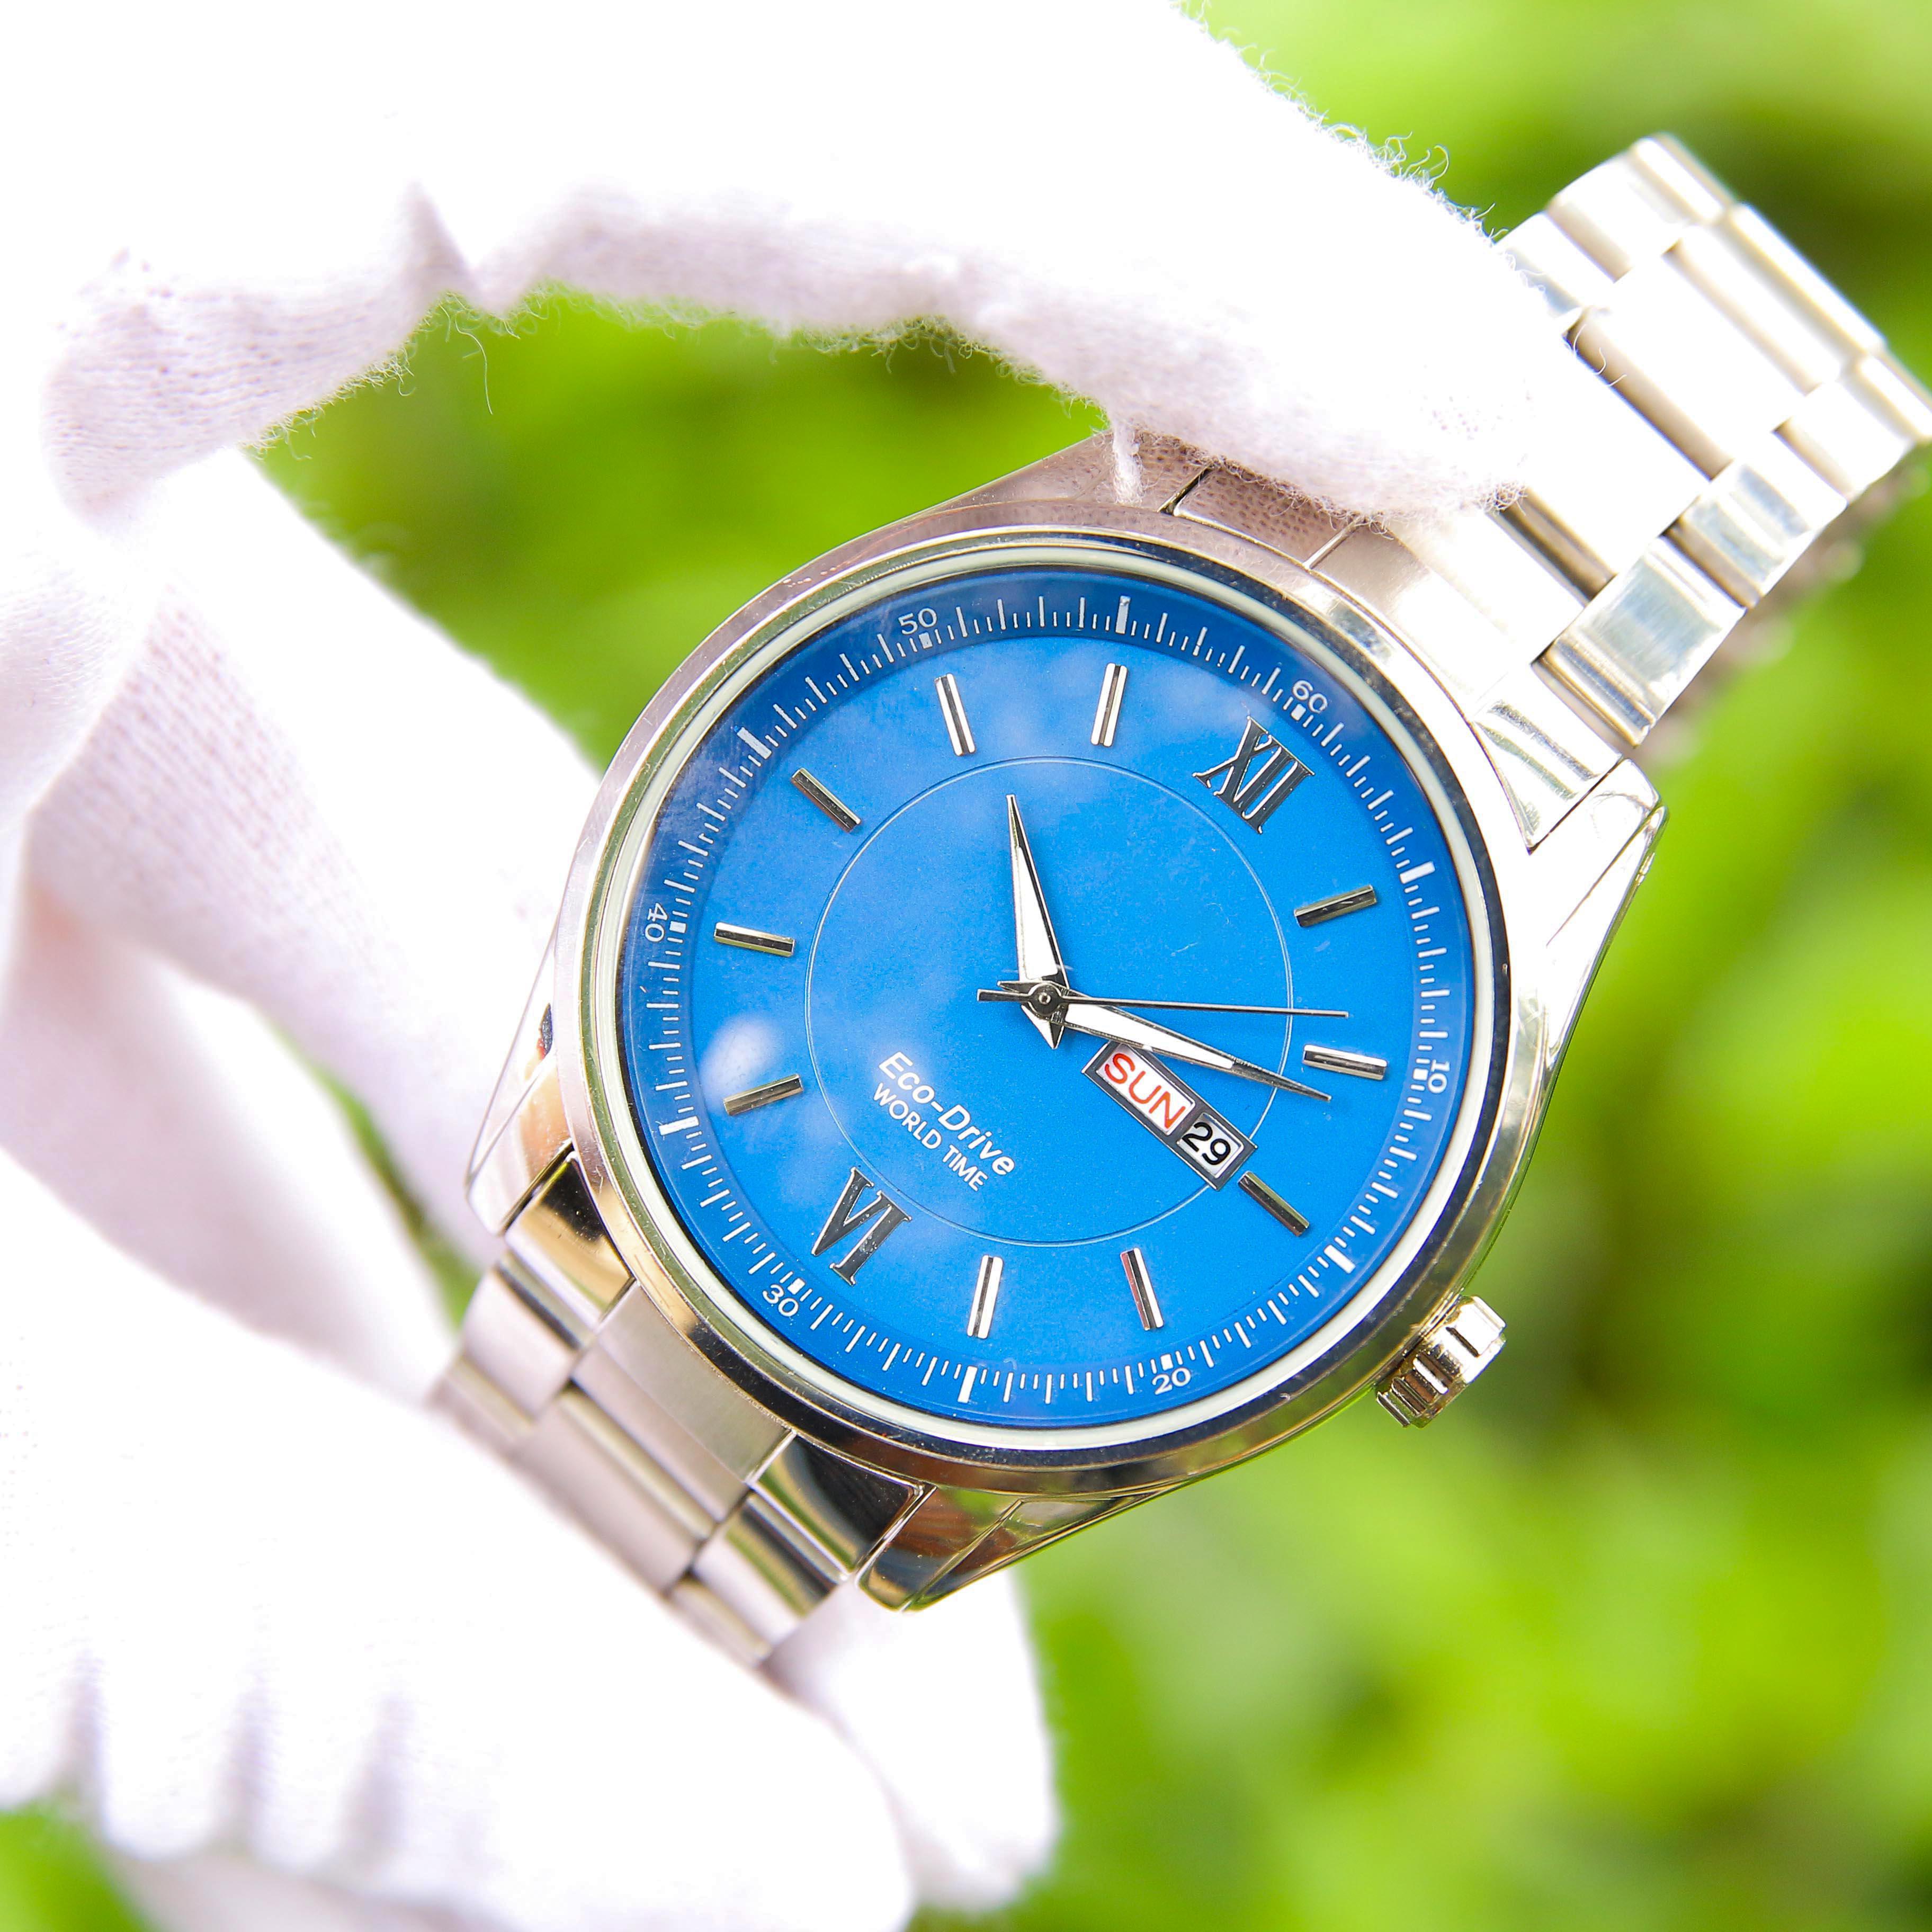 Đồng hồ nam dây thép mặt tròn CT003050 phong cách Ý hiển thị 2 lịch ngày tháng – Thiết kế sang trọng – Lịch lãm